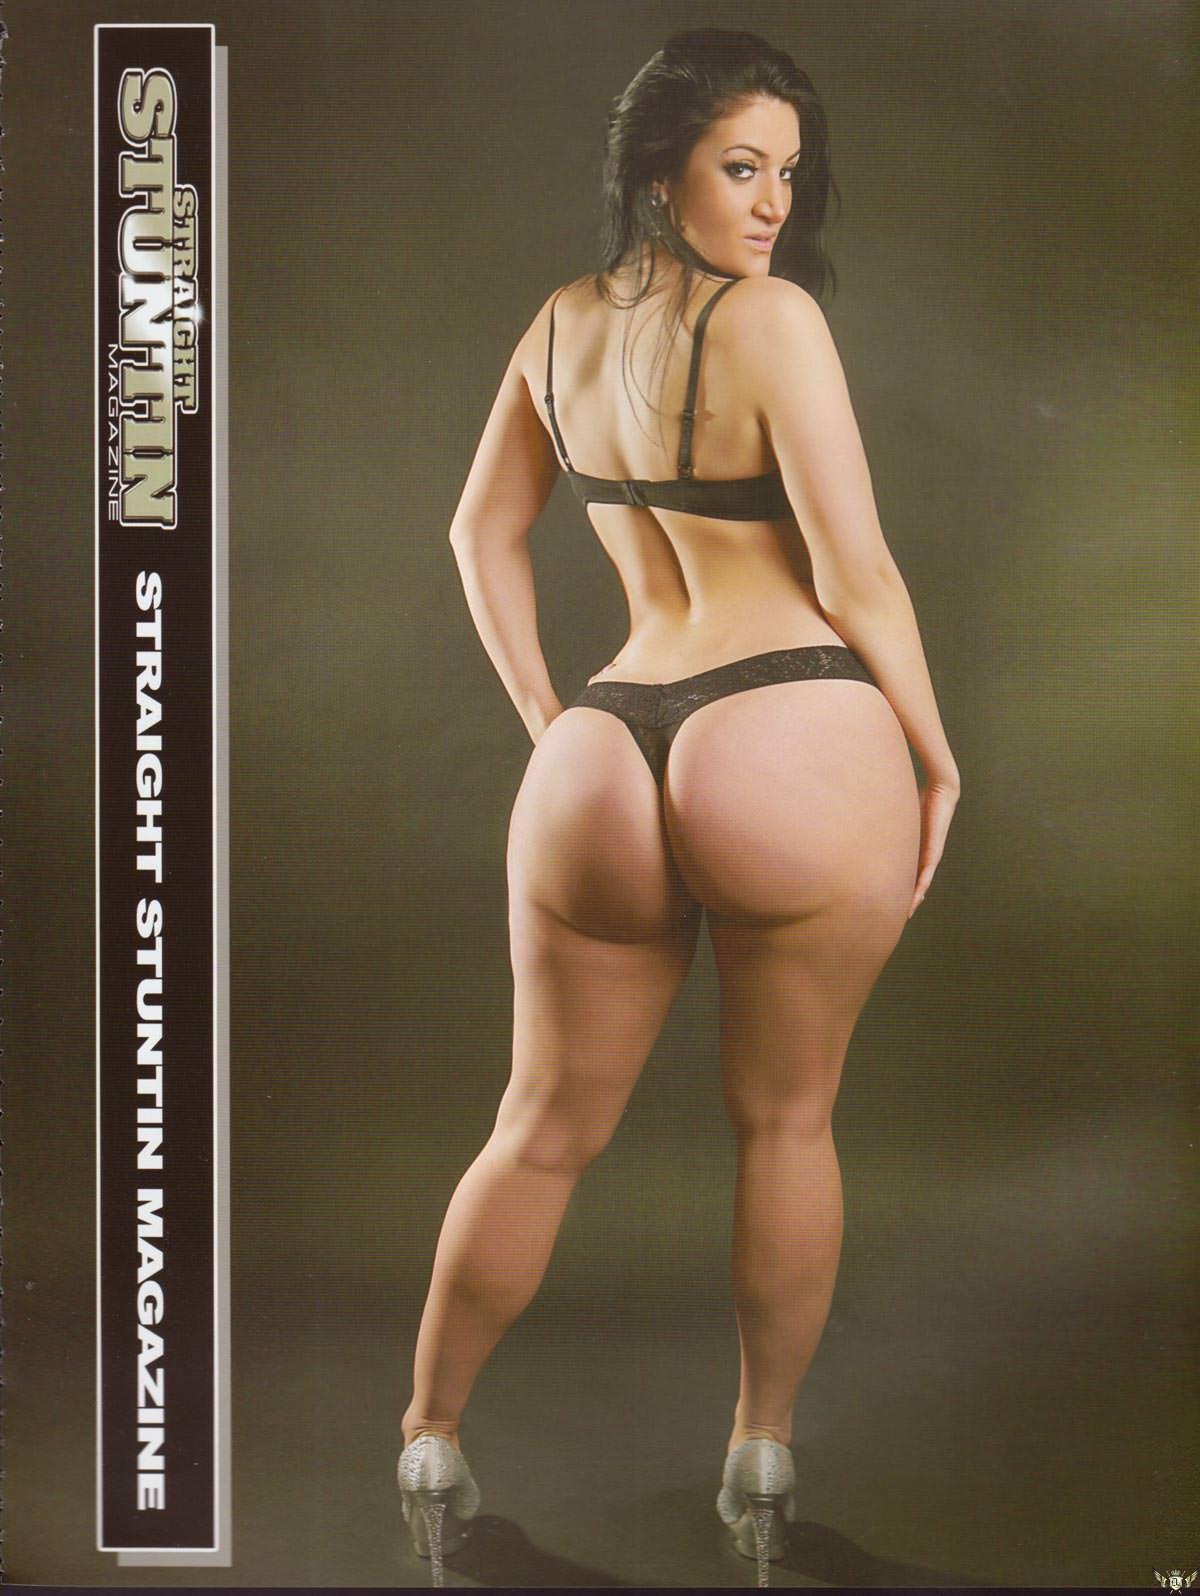 Hot Naked Female Athletes